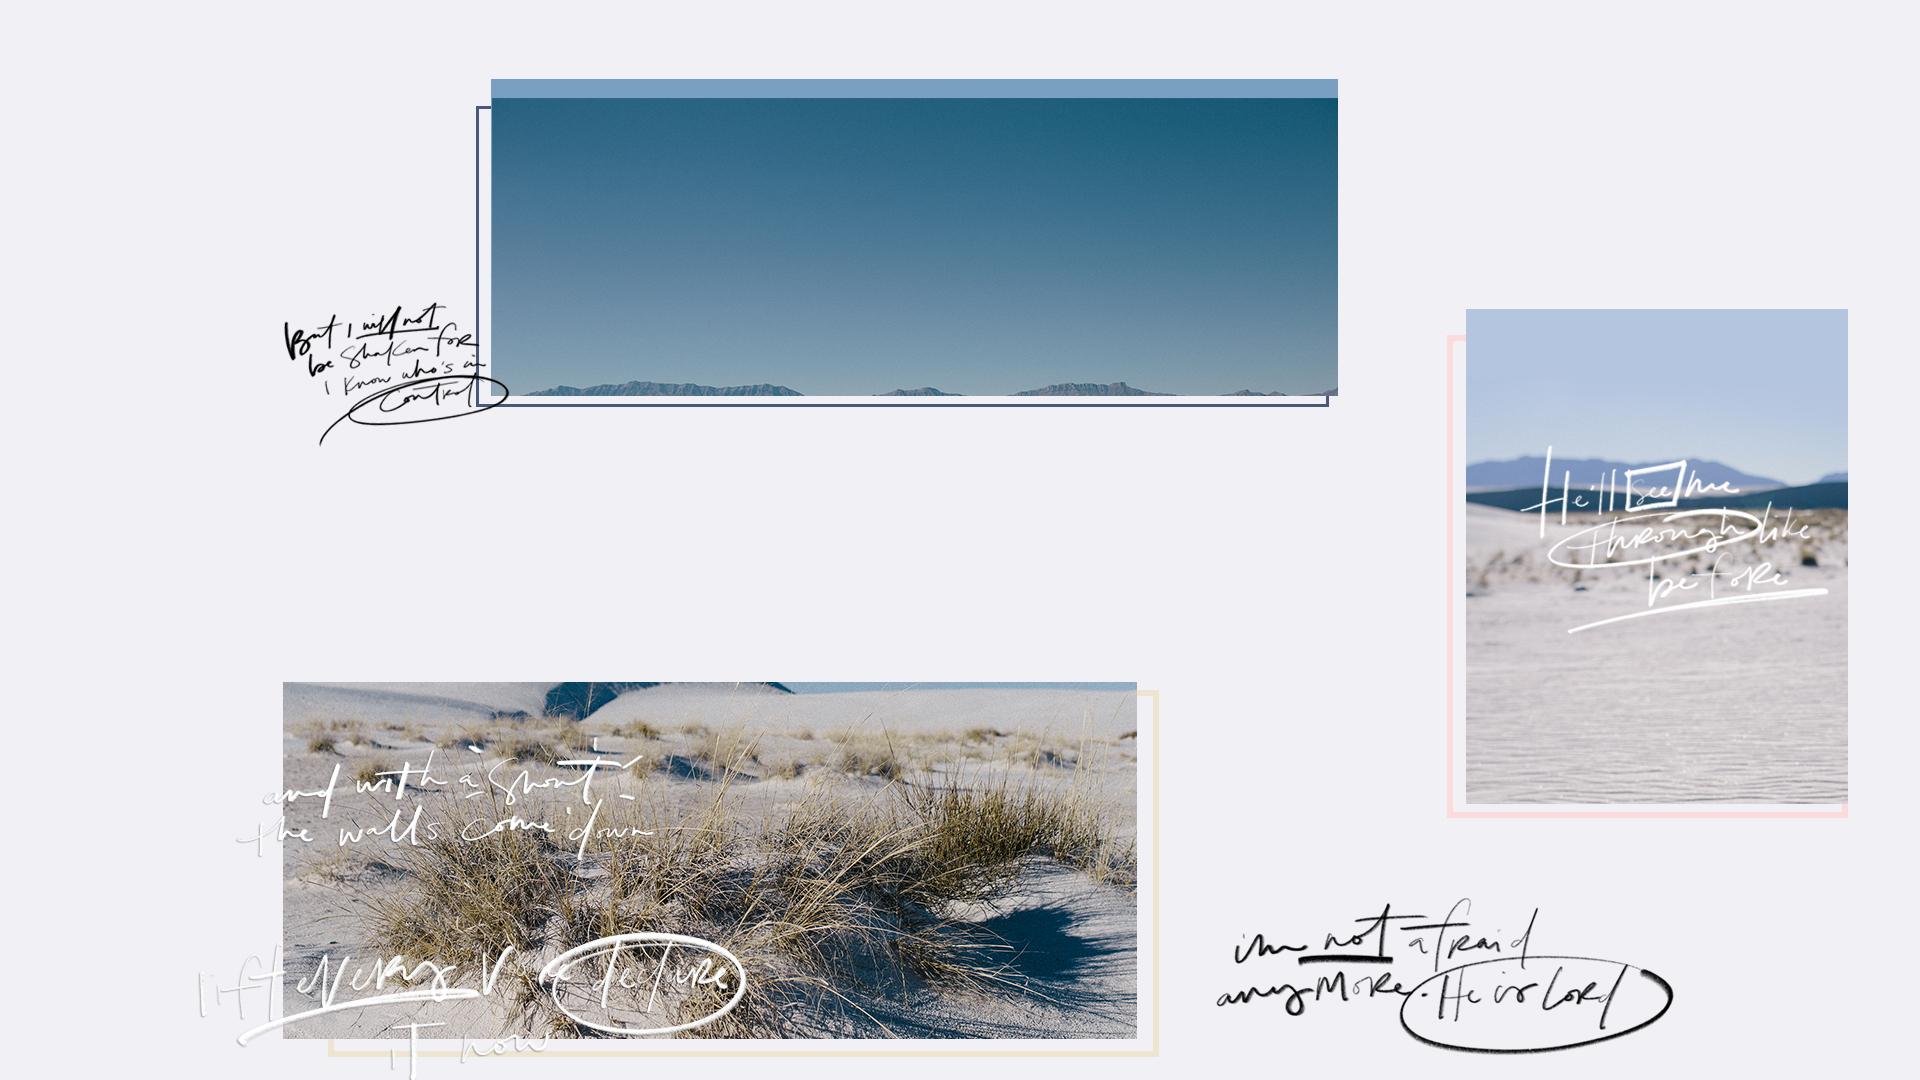 16x9 - Stage - Background (JPG)